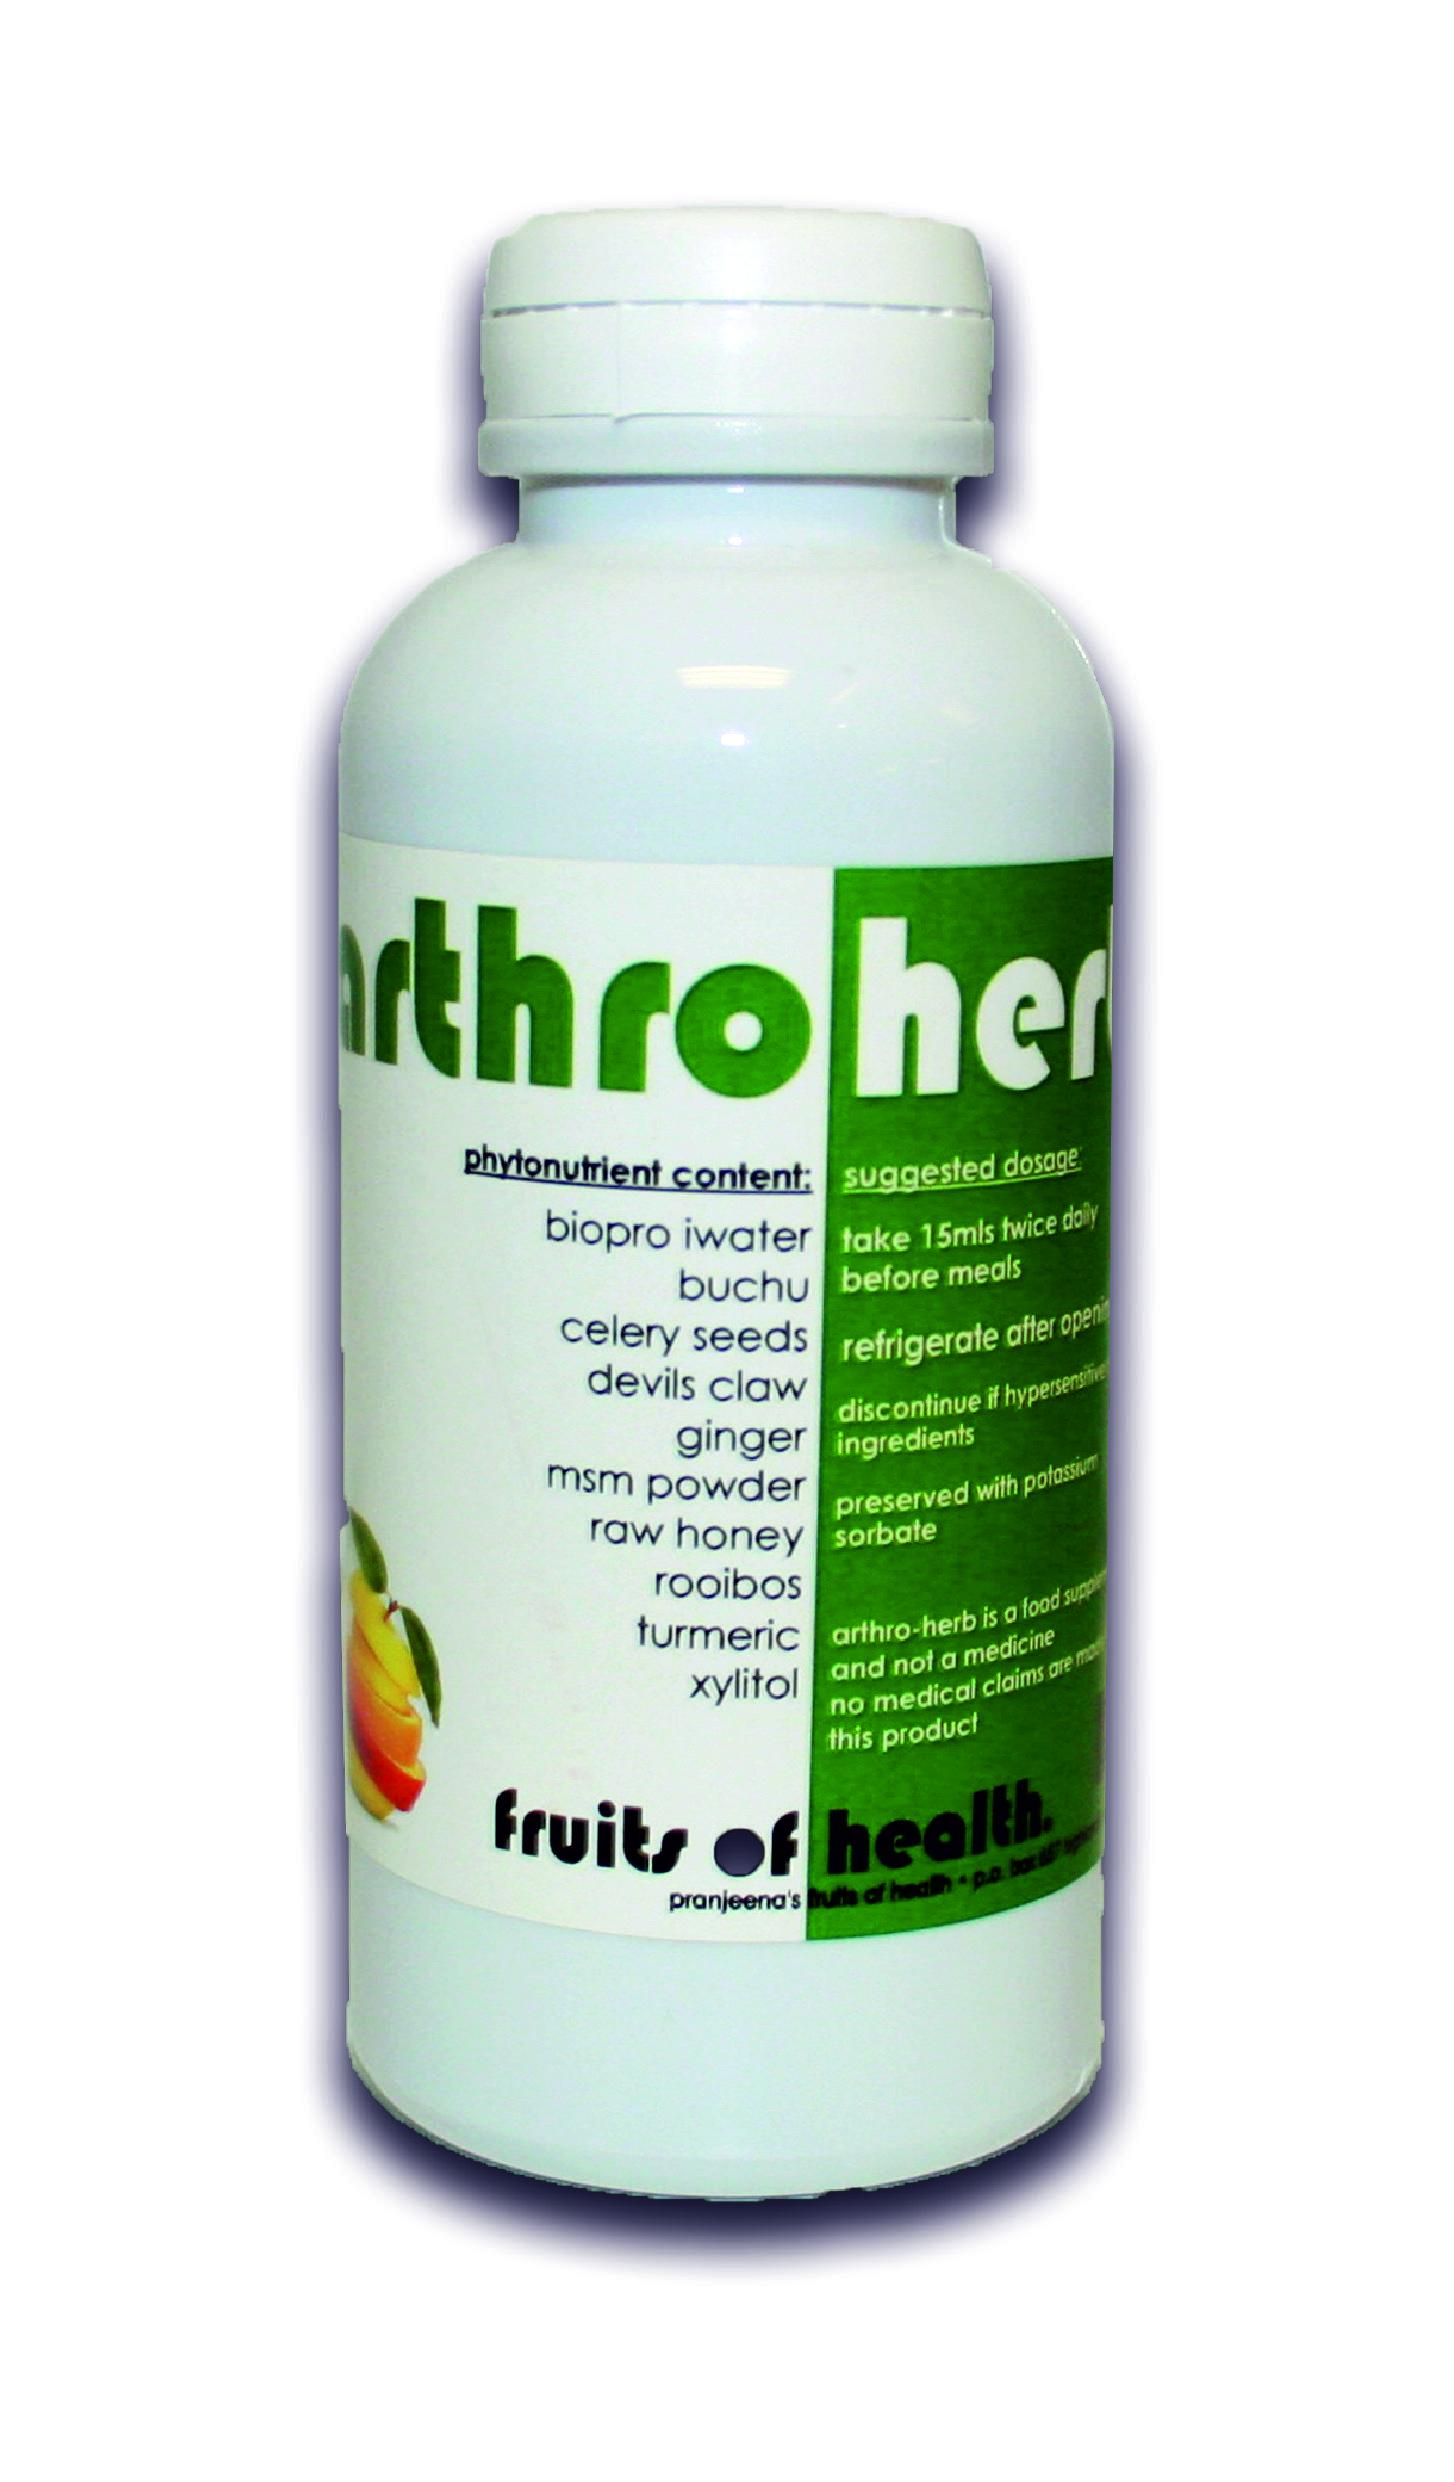 Arthroherb tonic